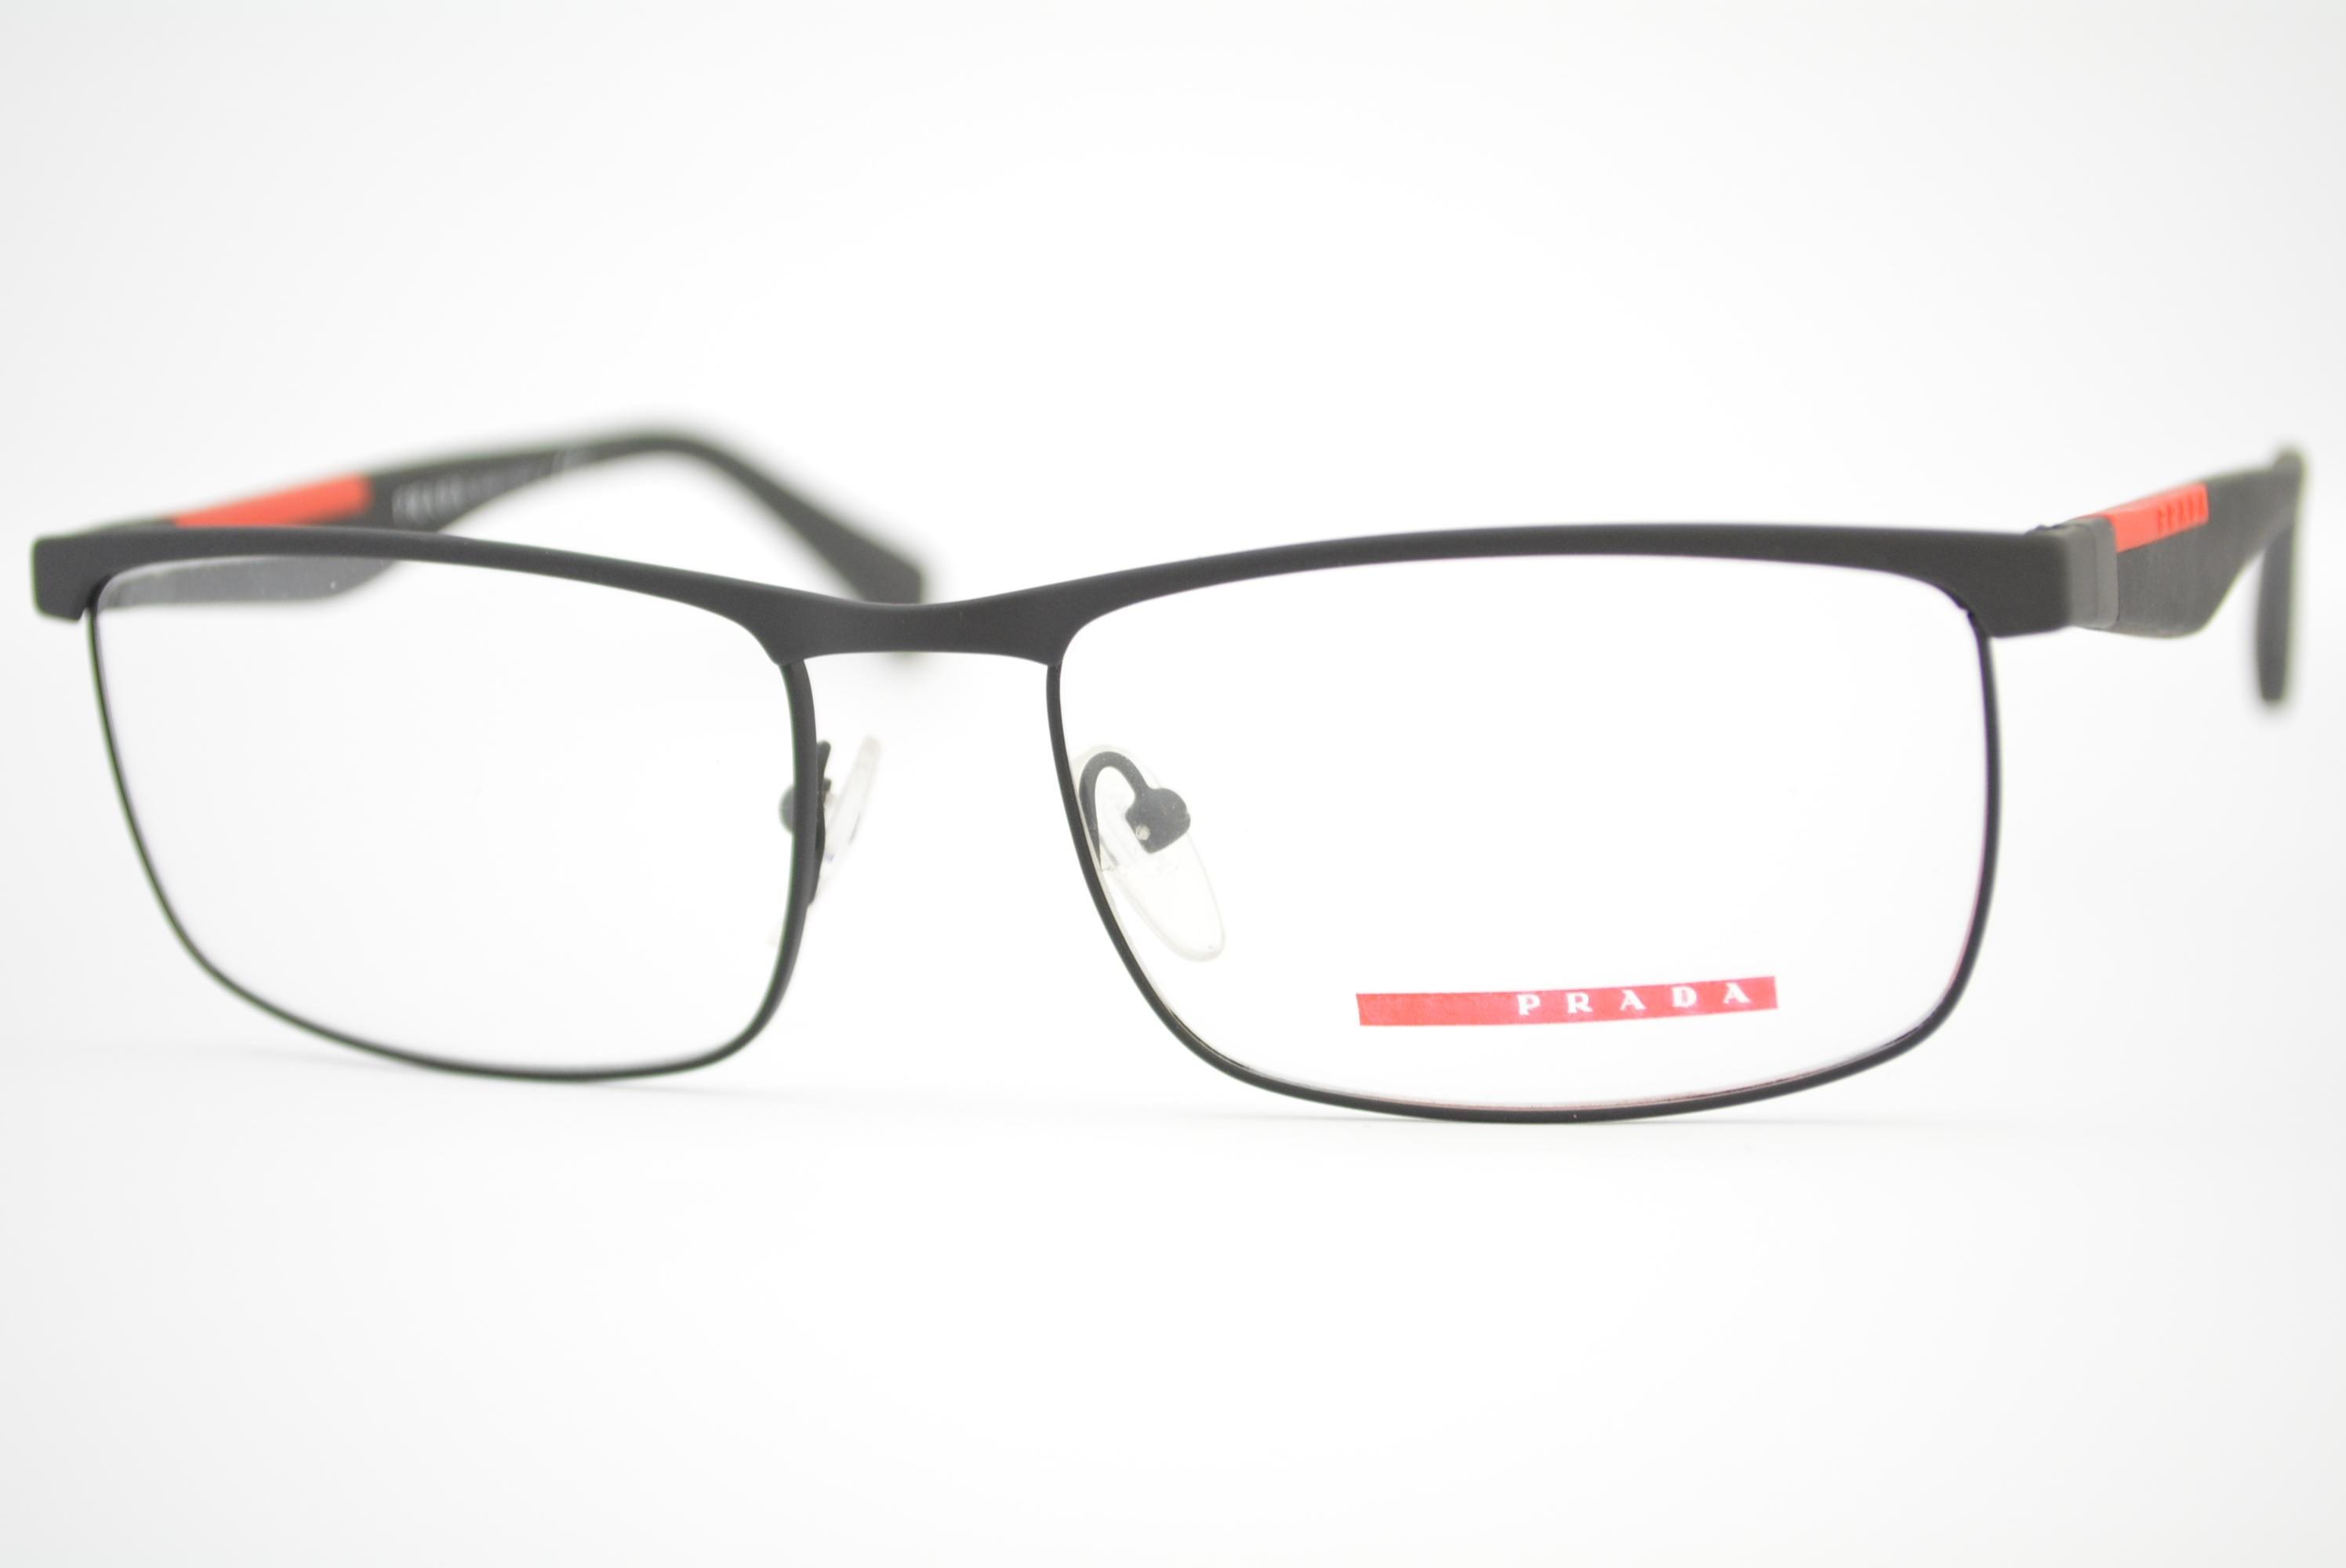 1b024bd614a1a armação de óculos Prada Linea Rossa mod vps54F DGO-1O1 Ótica Cardoso